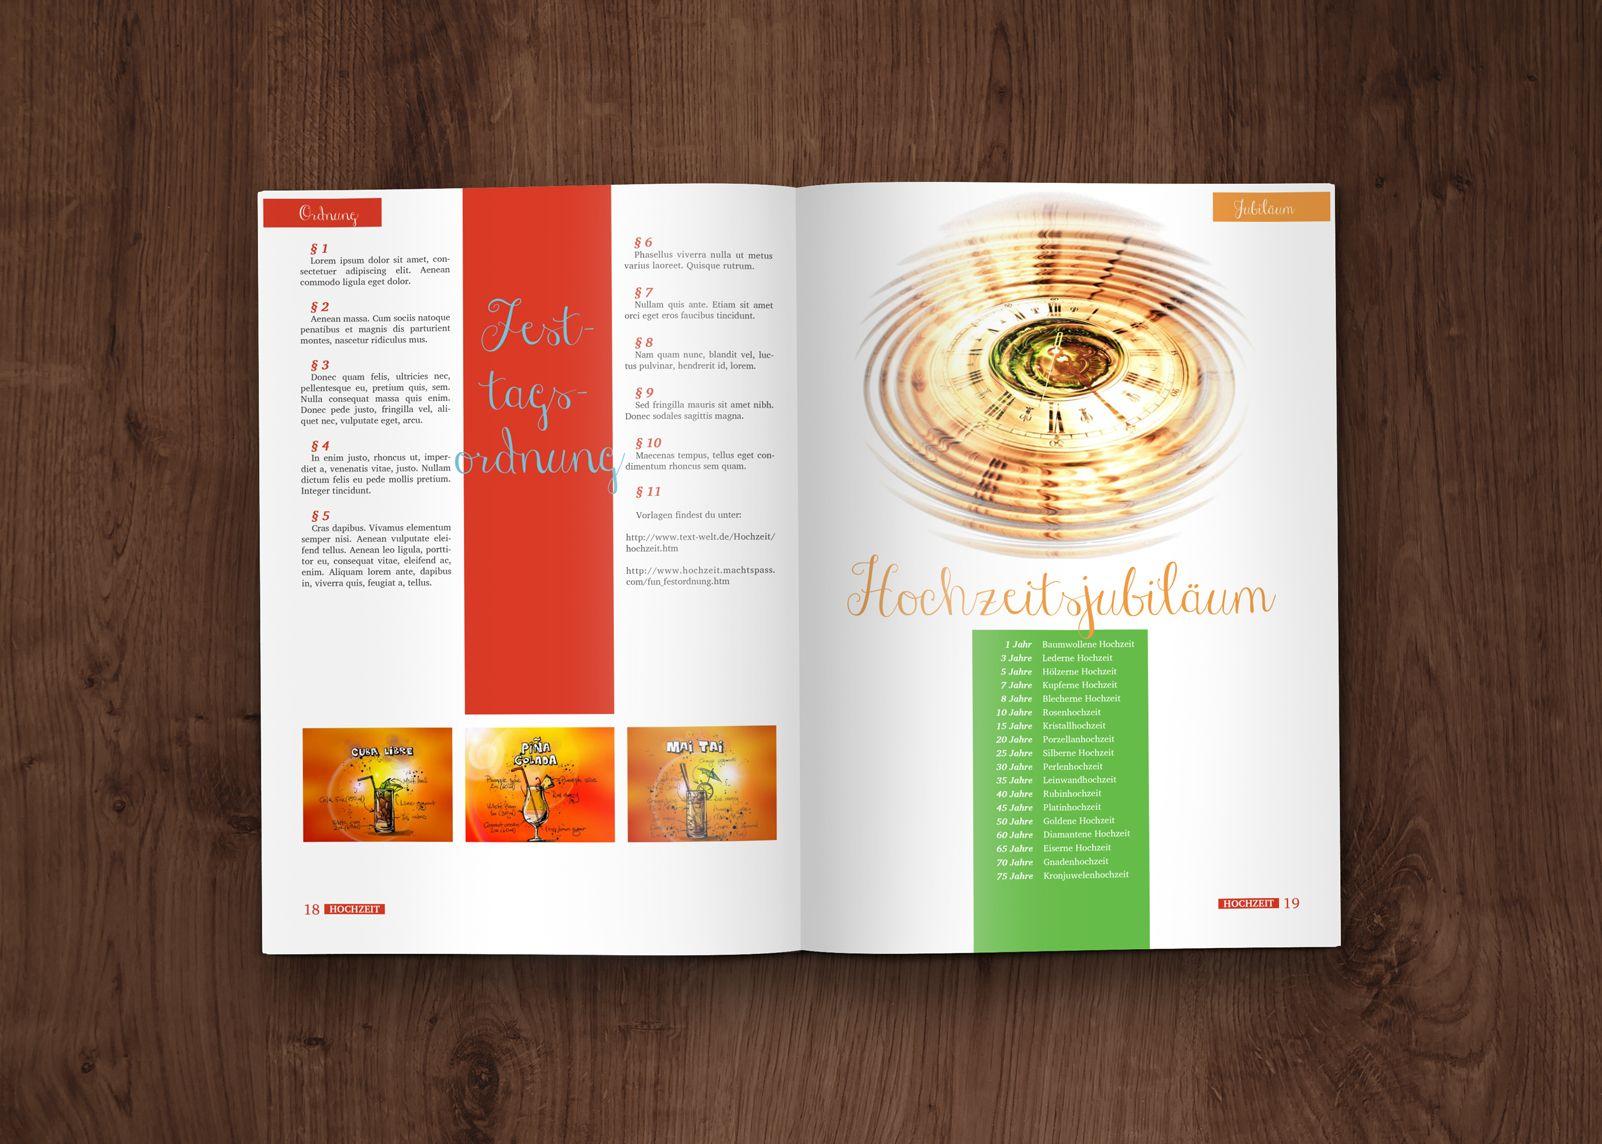 Hochzeitszeitung Vorlagen Fur Powerpoint Indesign Hochzeitszeitung Diamantene Hochzeit Hochzeitszeitung Ideen